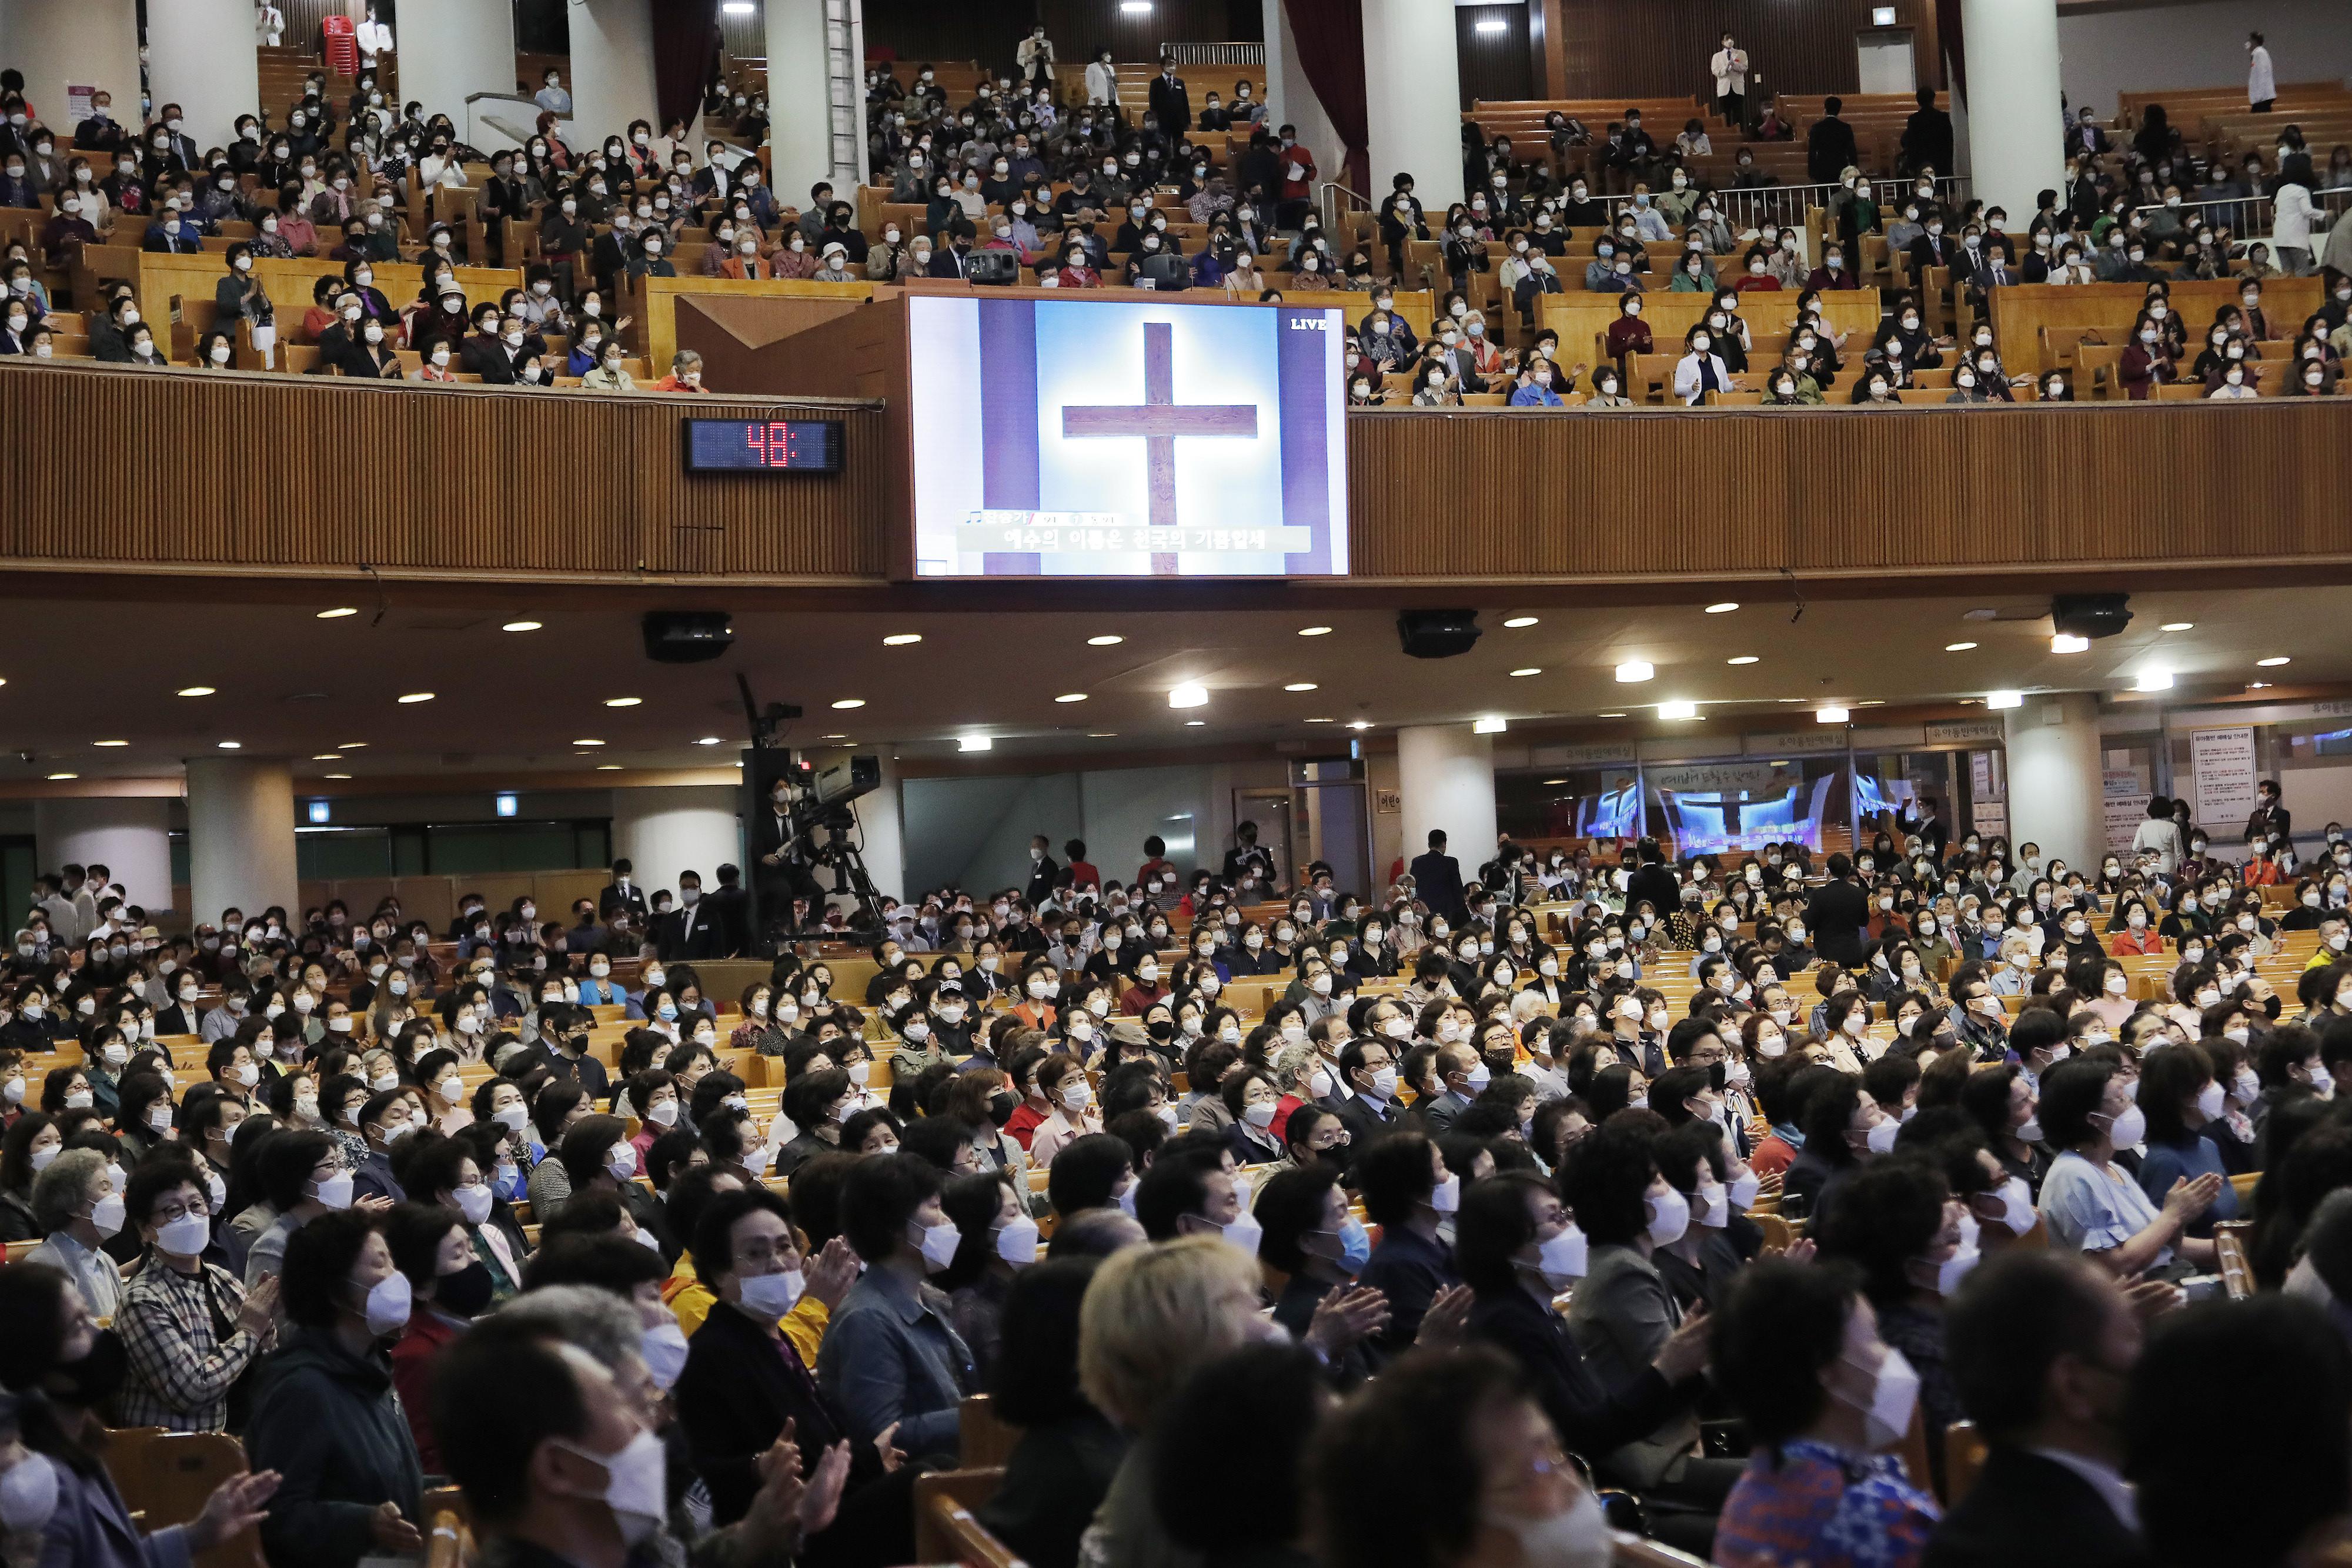 ▲▼號稱擁有56萬信徒的首爾汝矣島純福音教會,5月10日曾舉行大規模禮拜。(圖/達志影像/美聯社)